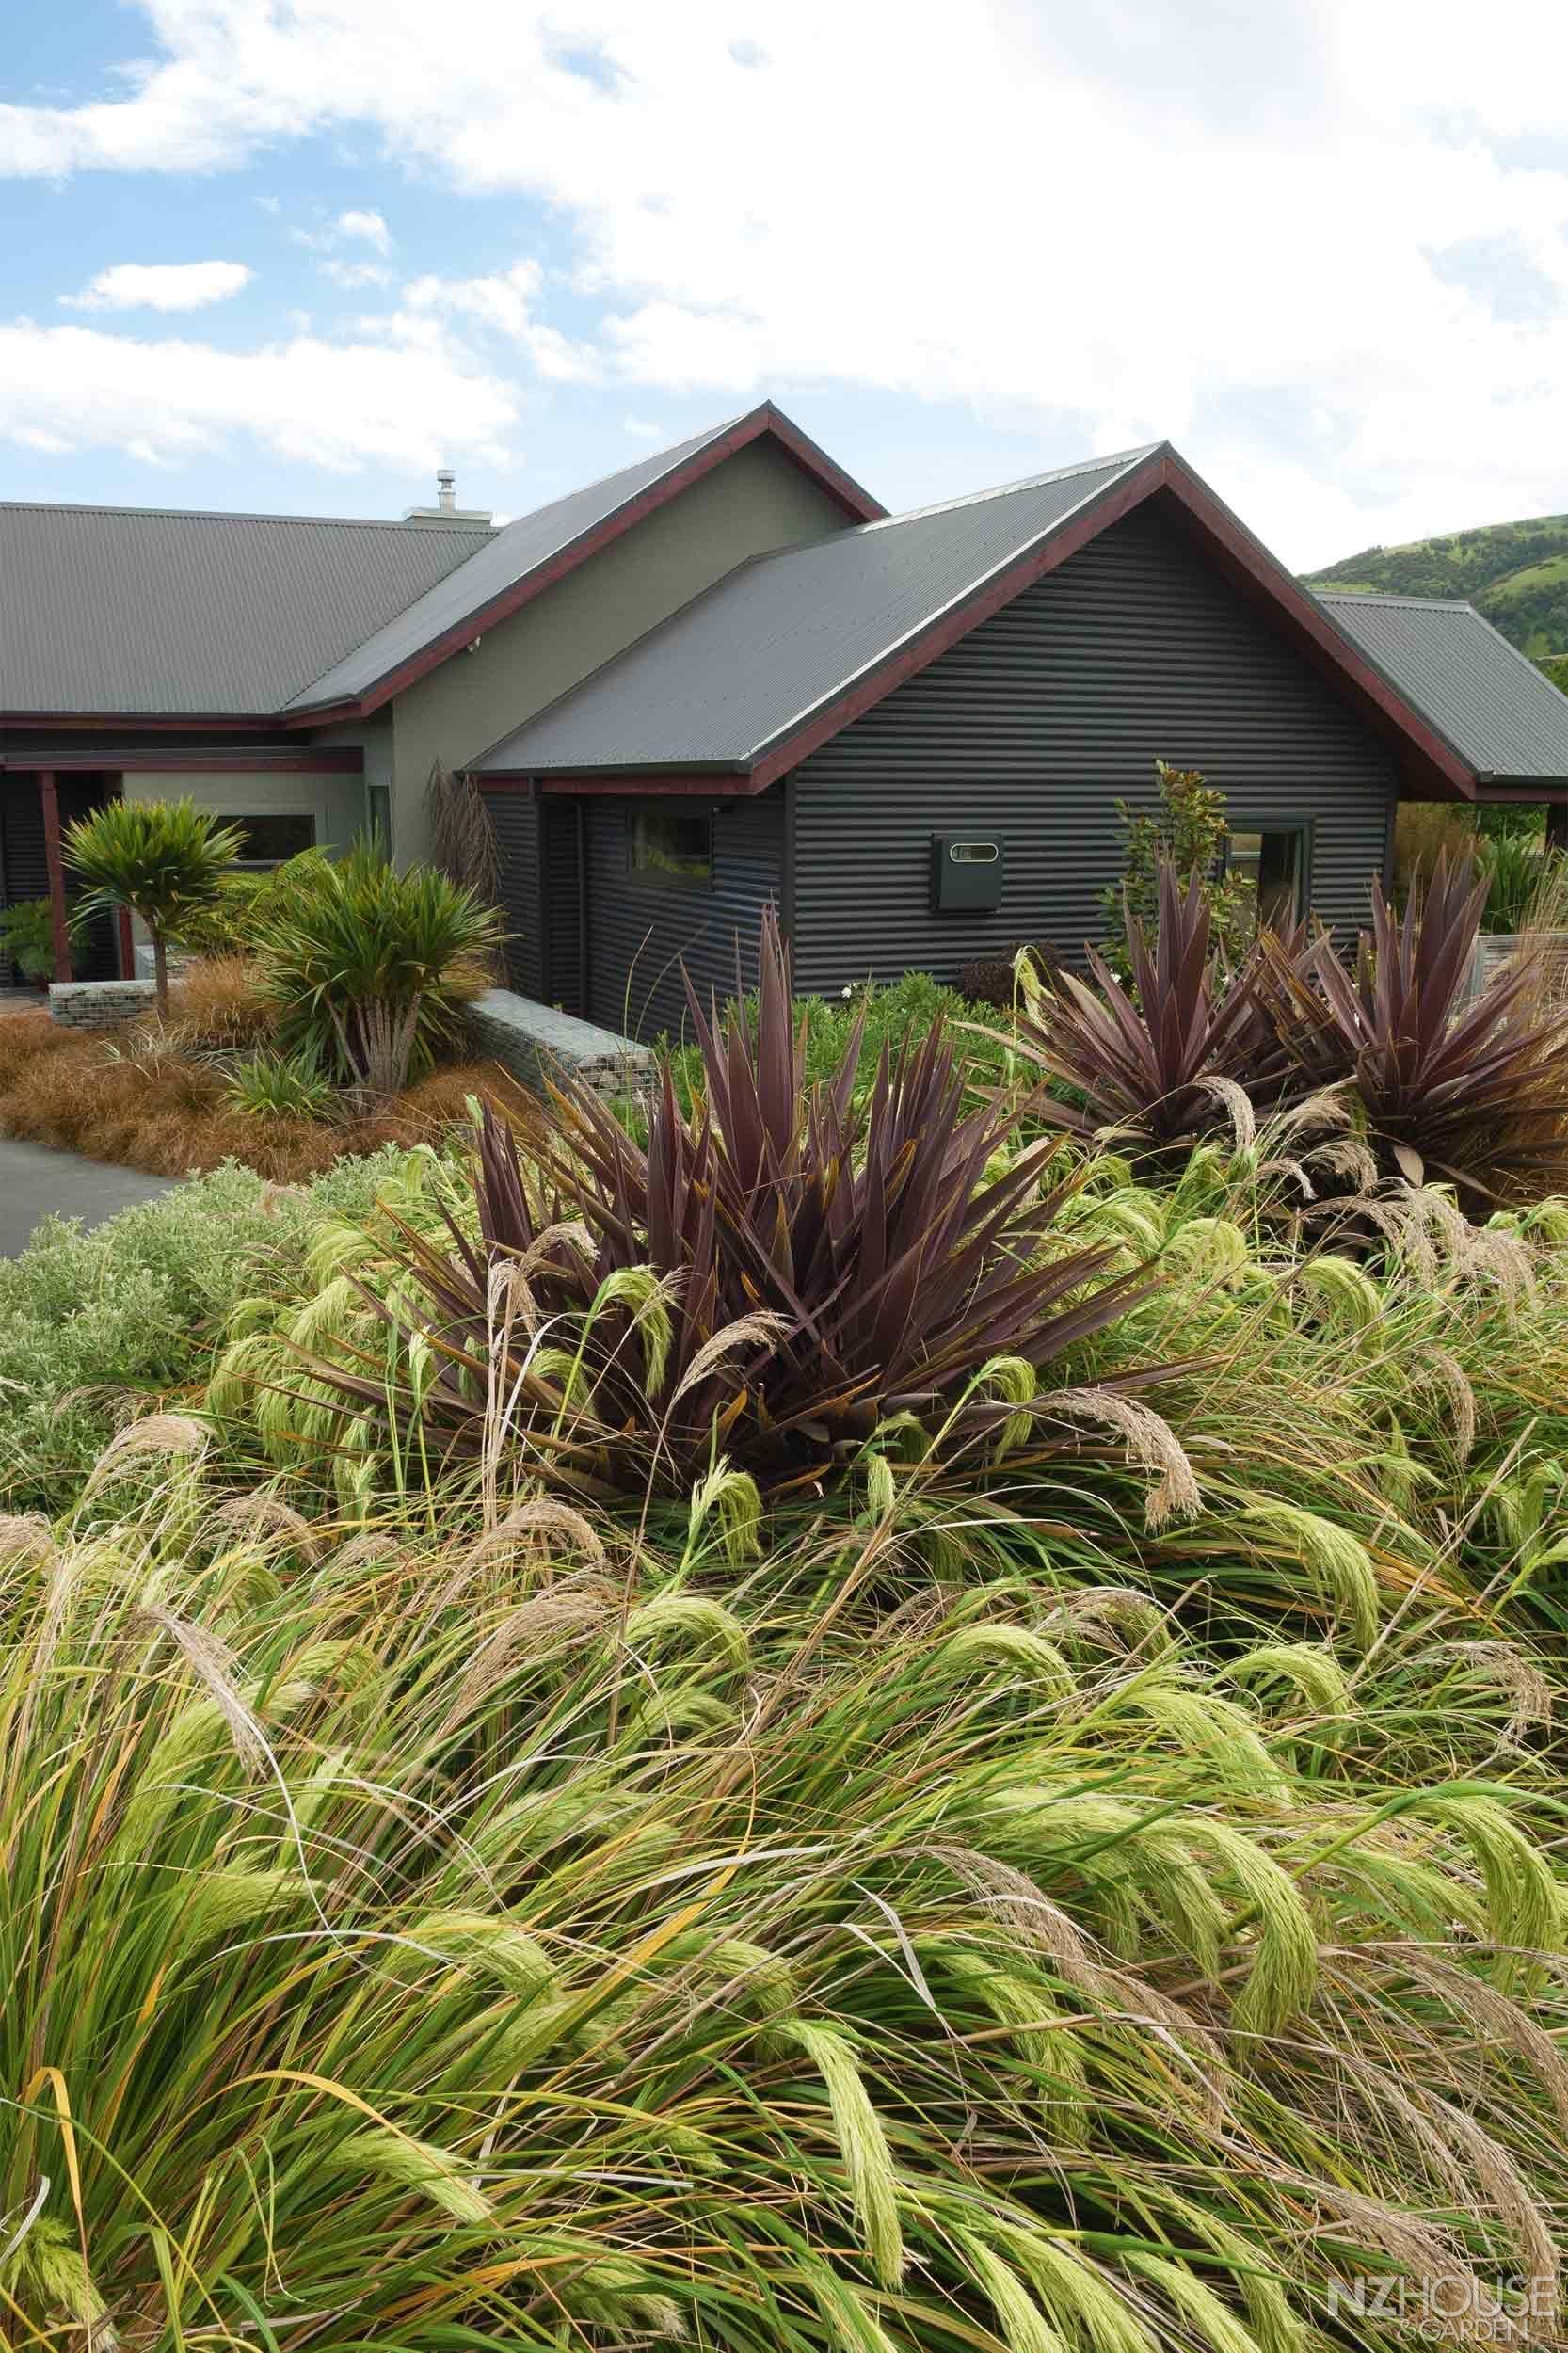 Garden Design New Zealand Google Search Garden Landscape Design Native Garden Landscape Design